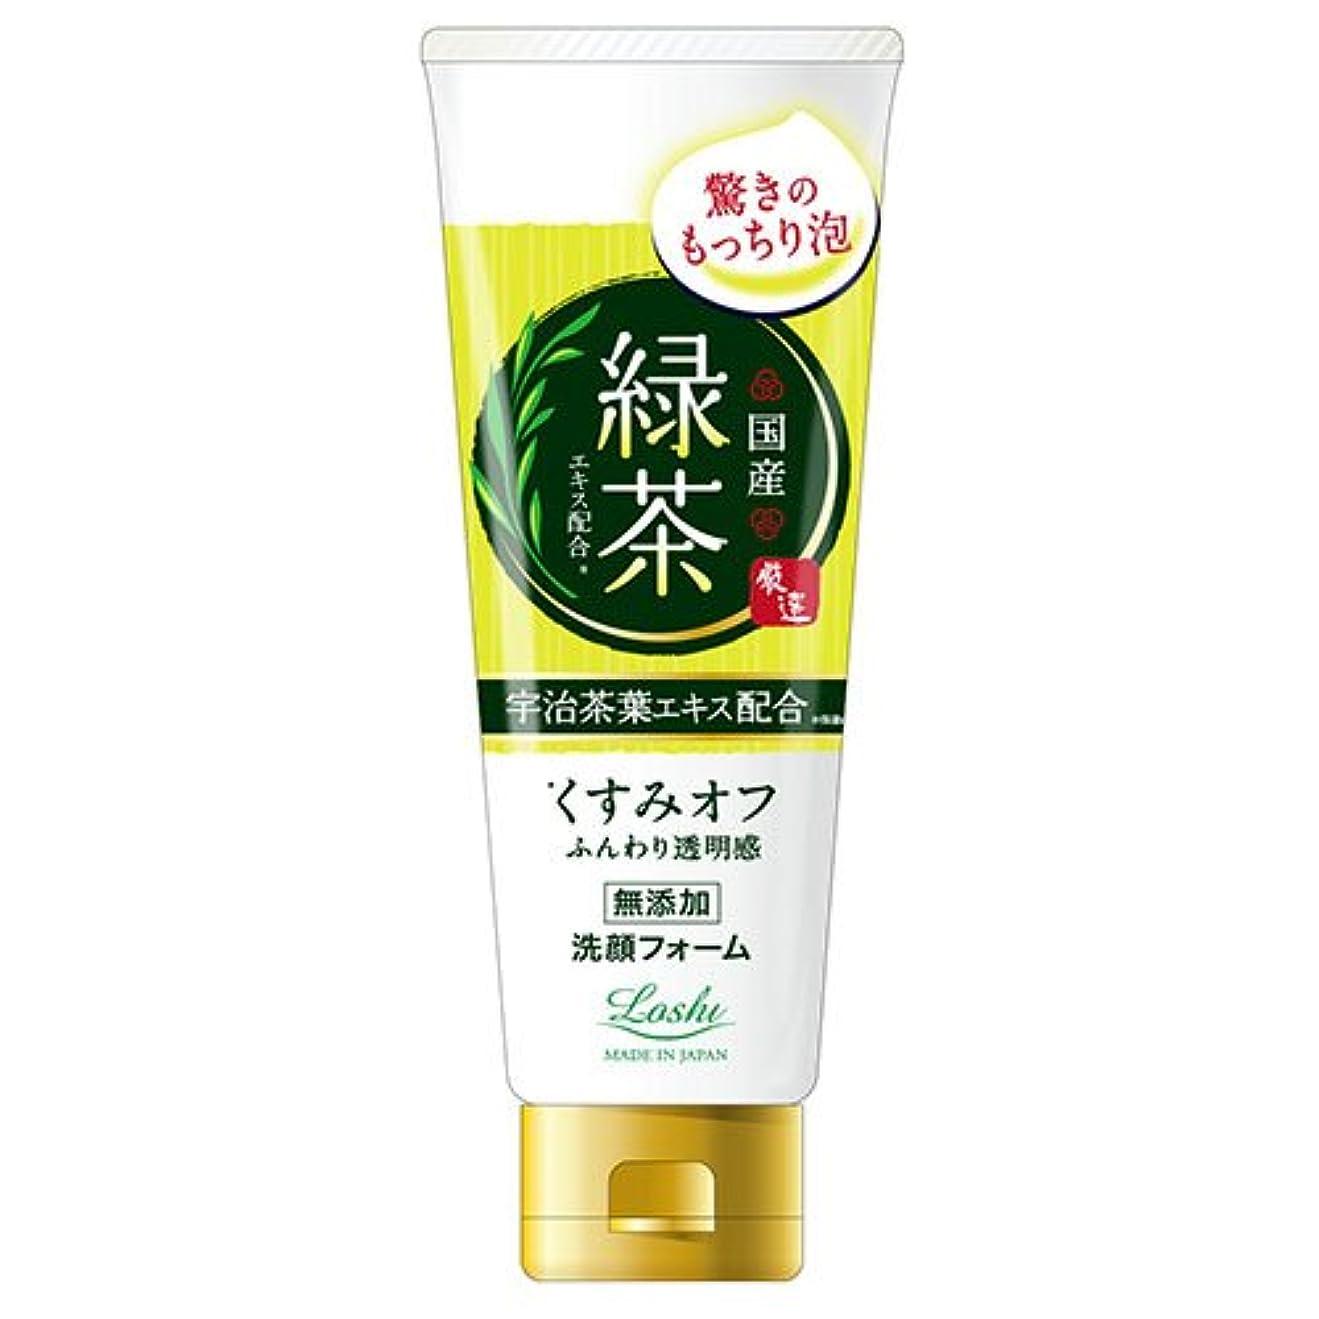 カトリック教徒経済的症状ロッシモイストエイド 国産 ホイップ洗顔 緑茶 120g